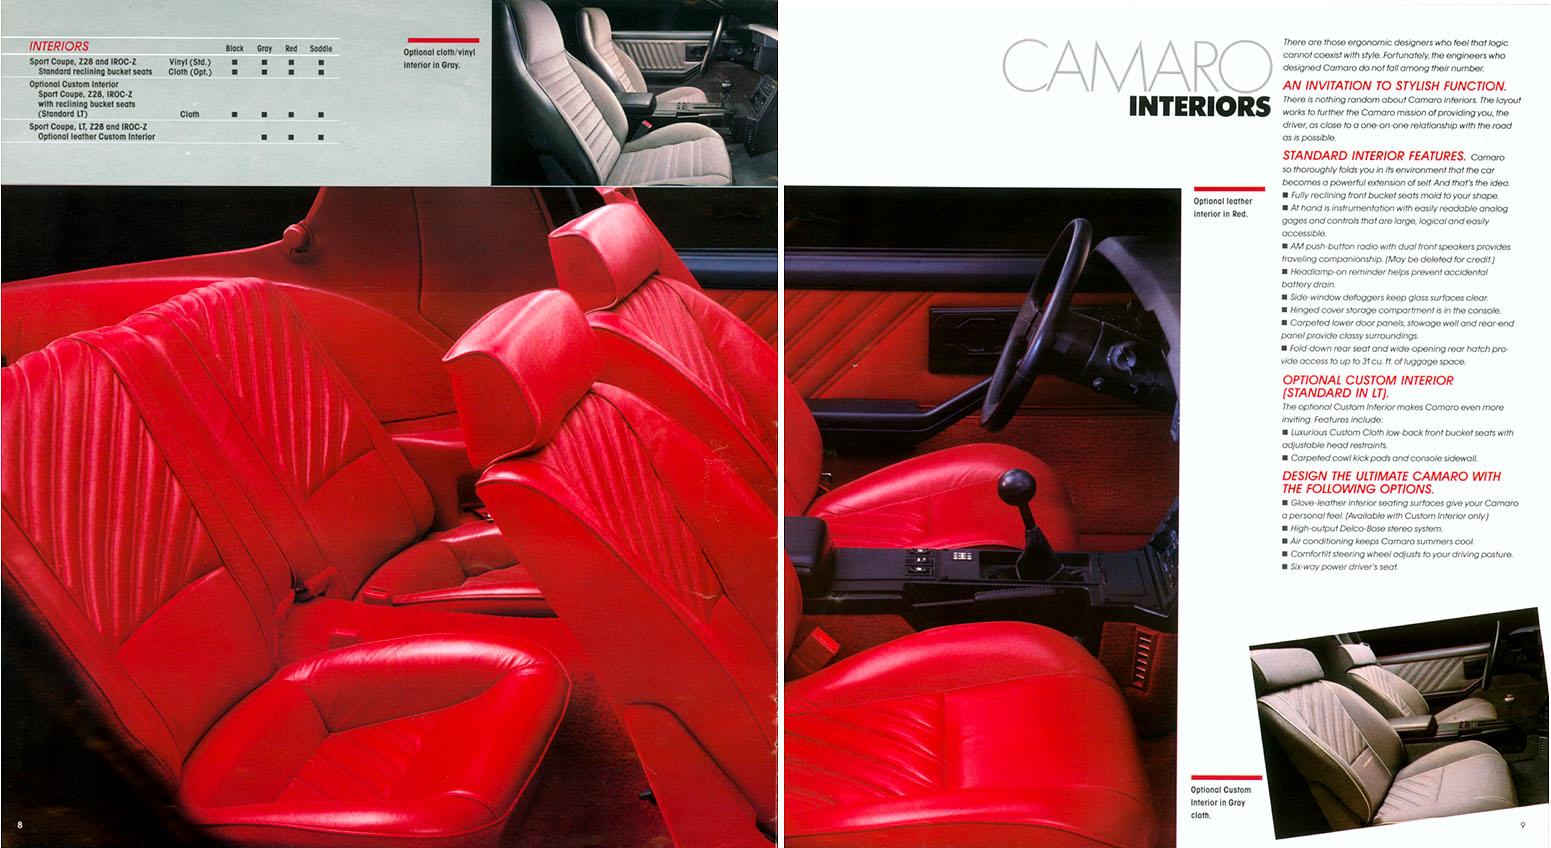 1987 Camaro OEM Brochure (5)